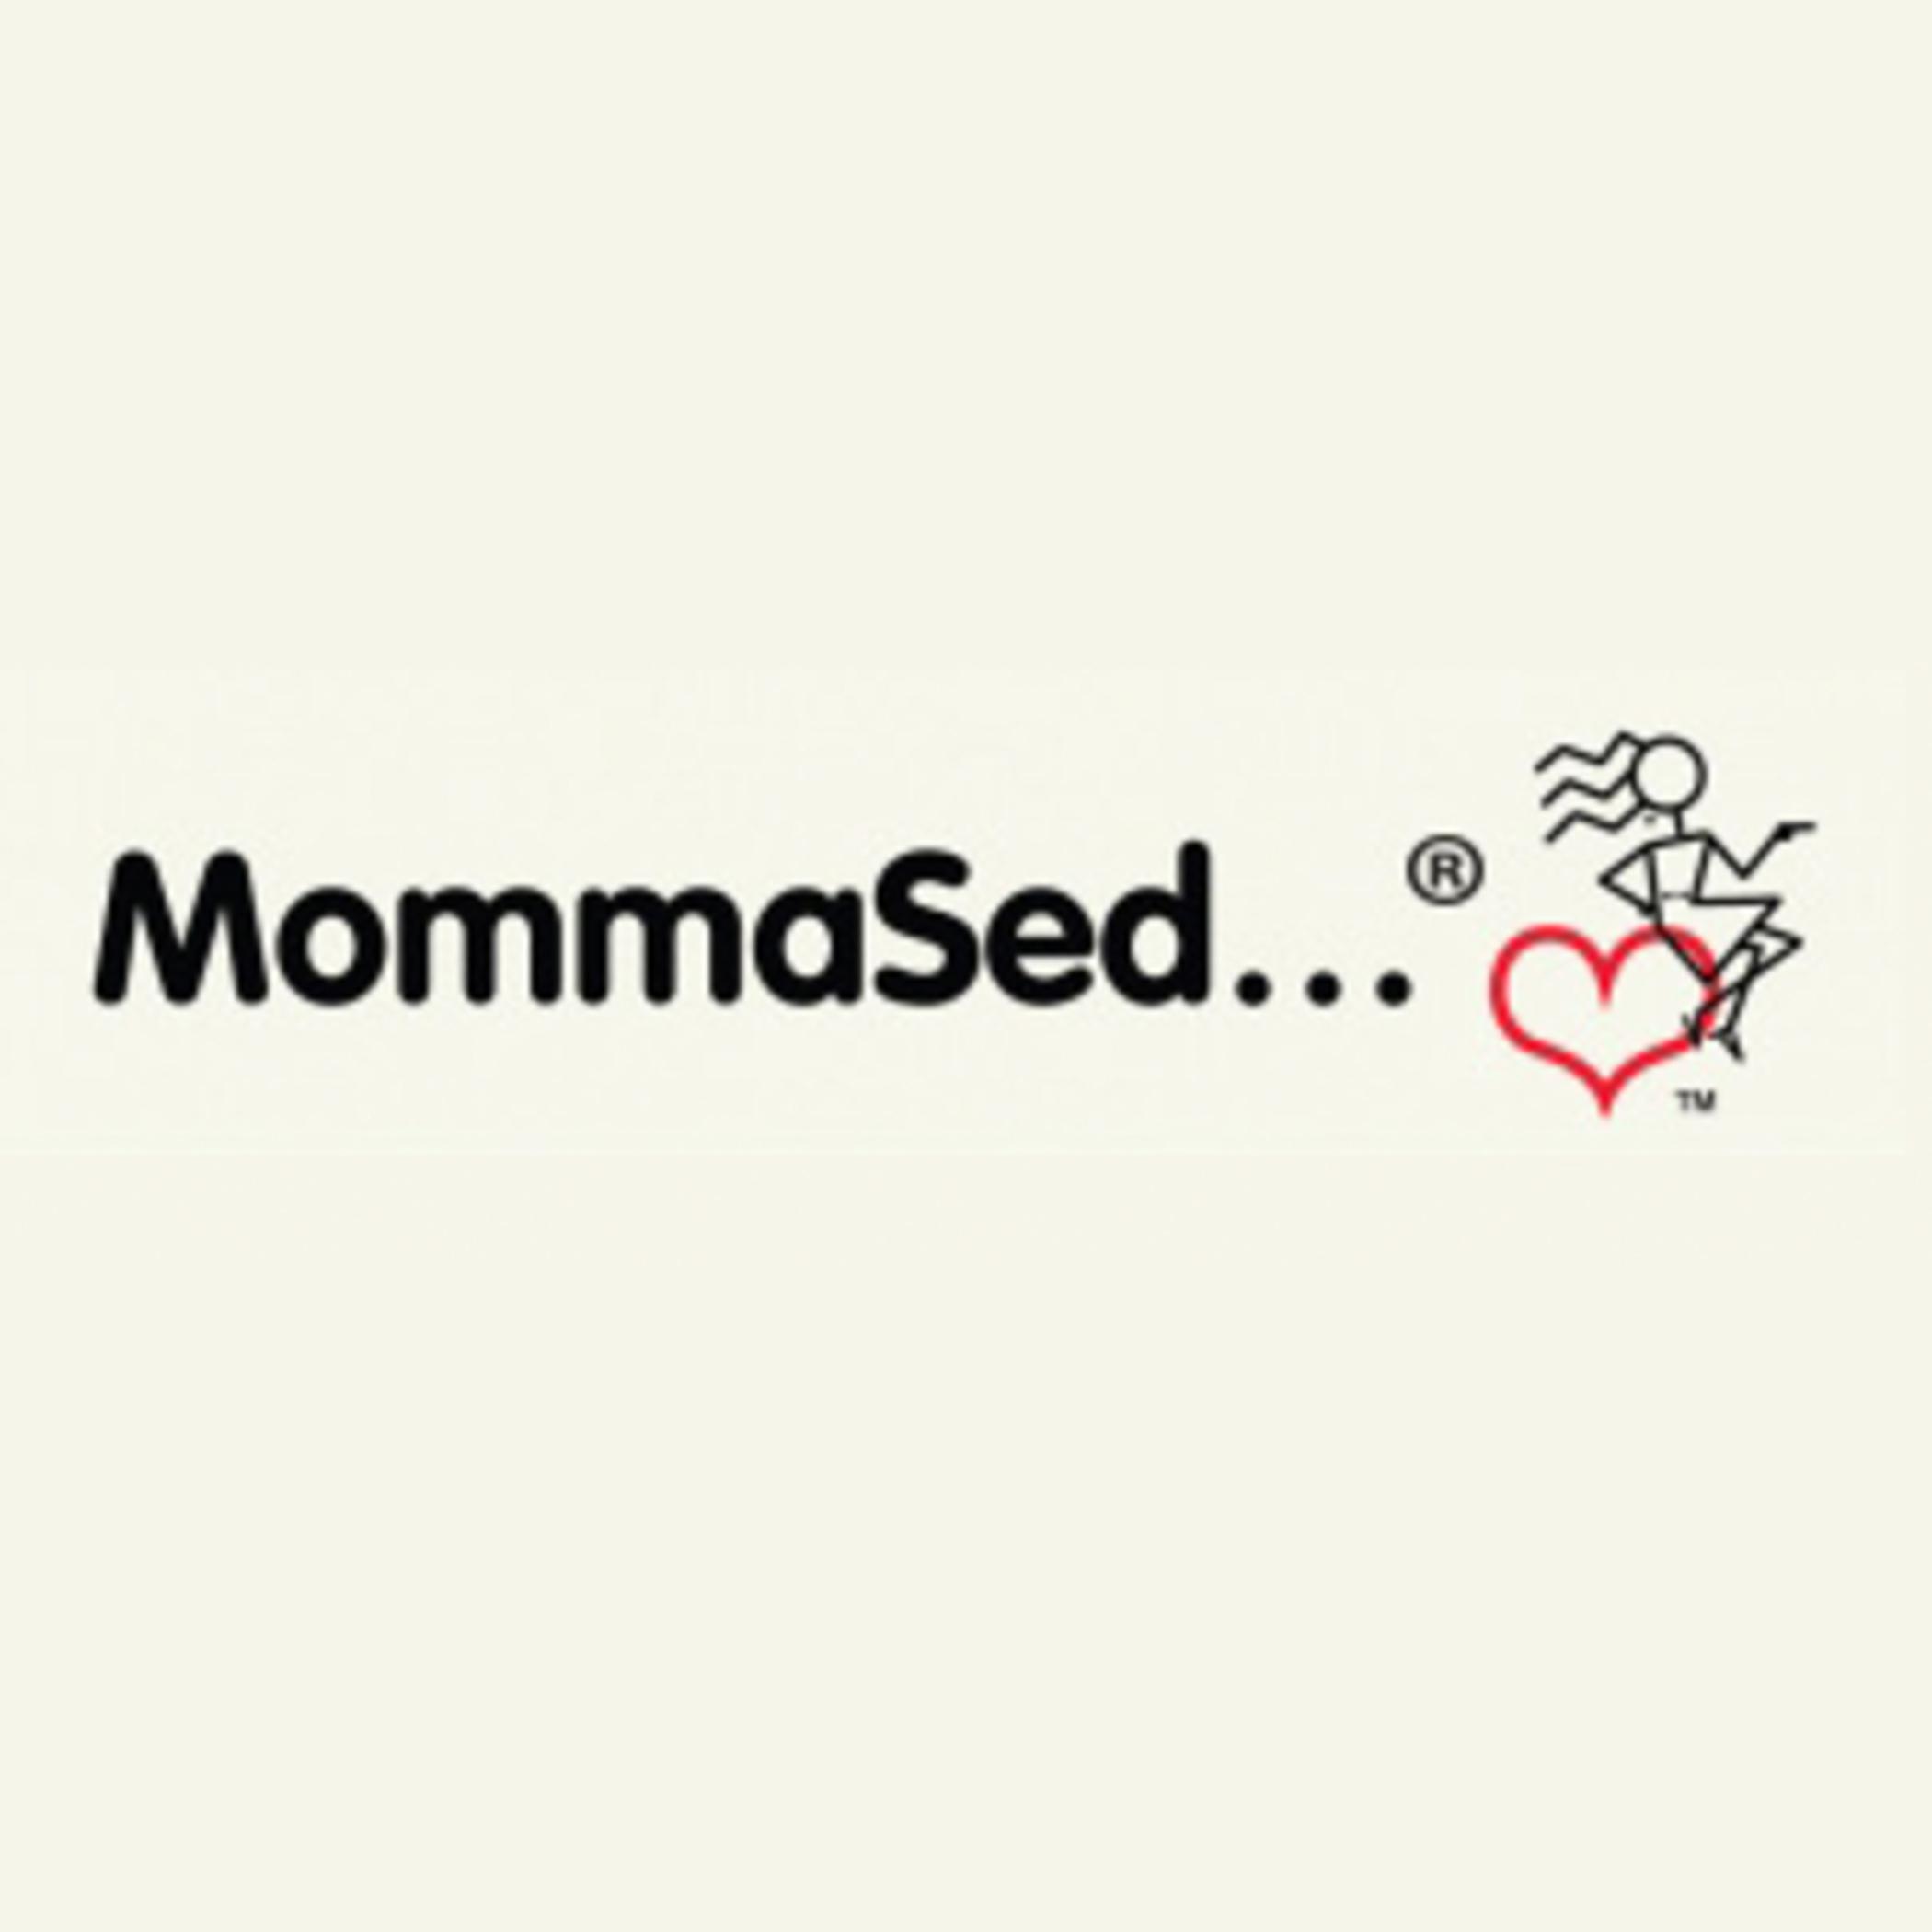 MommaSed